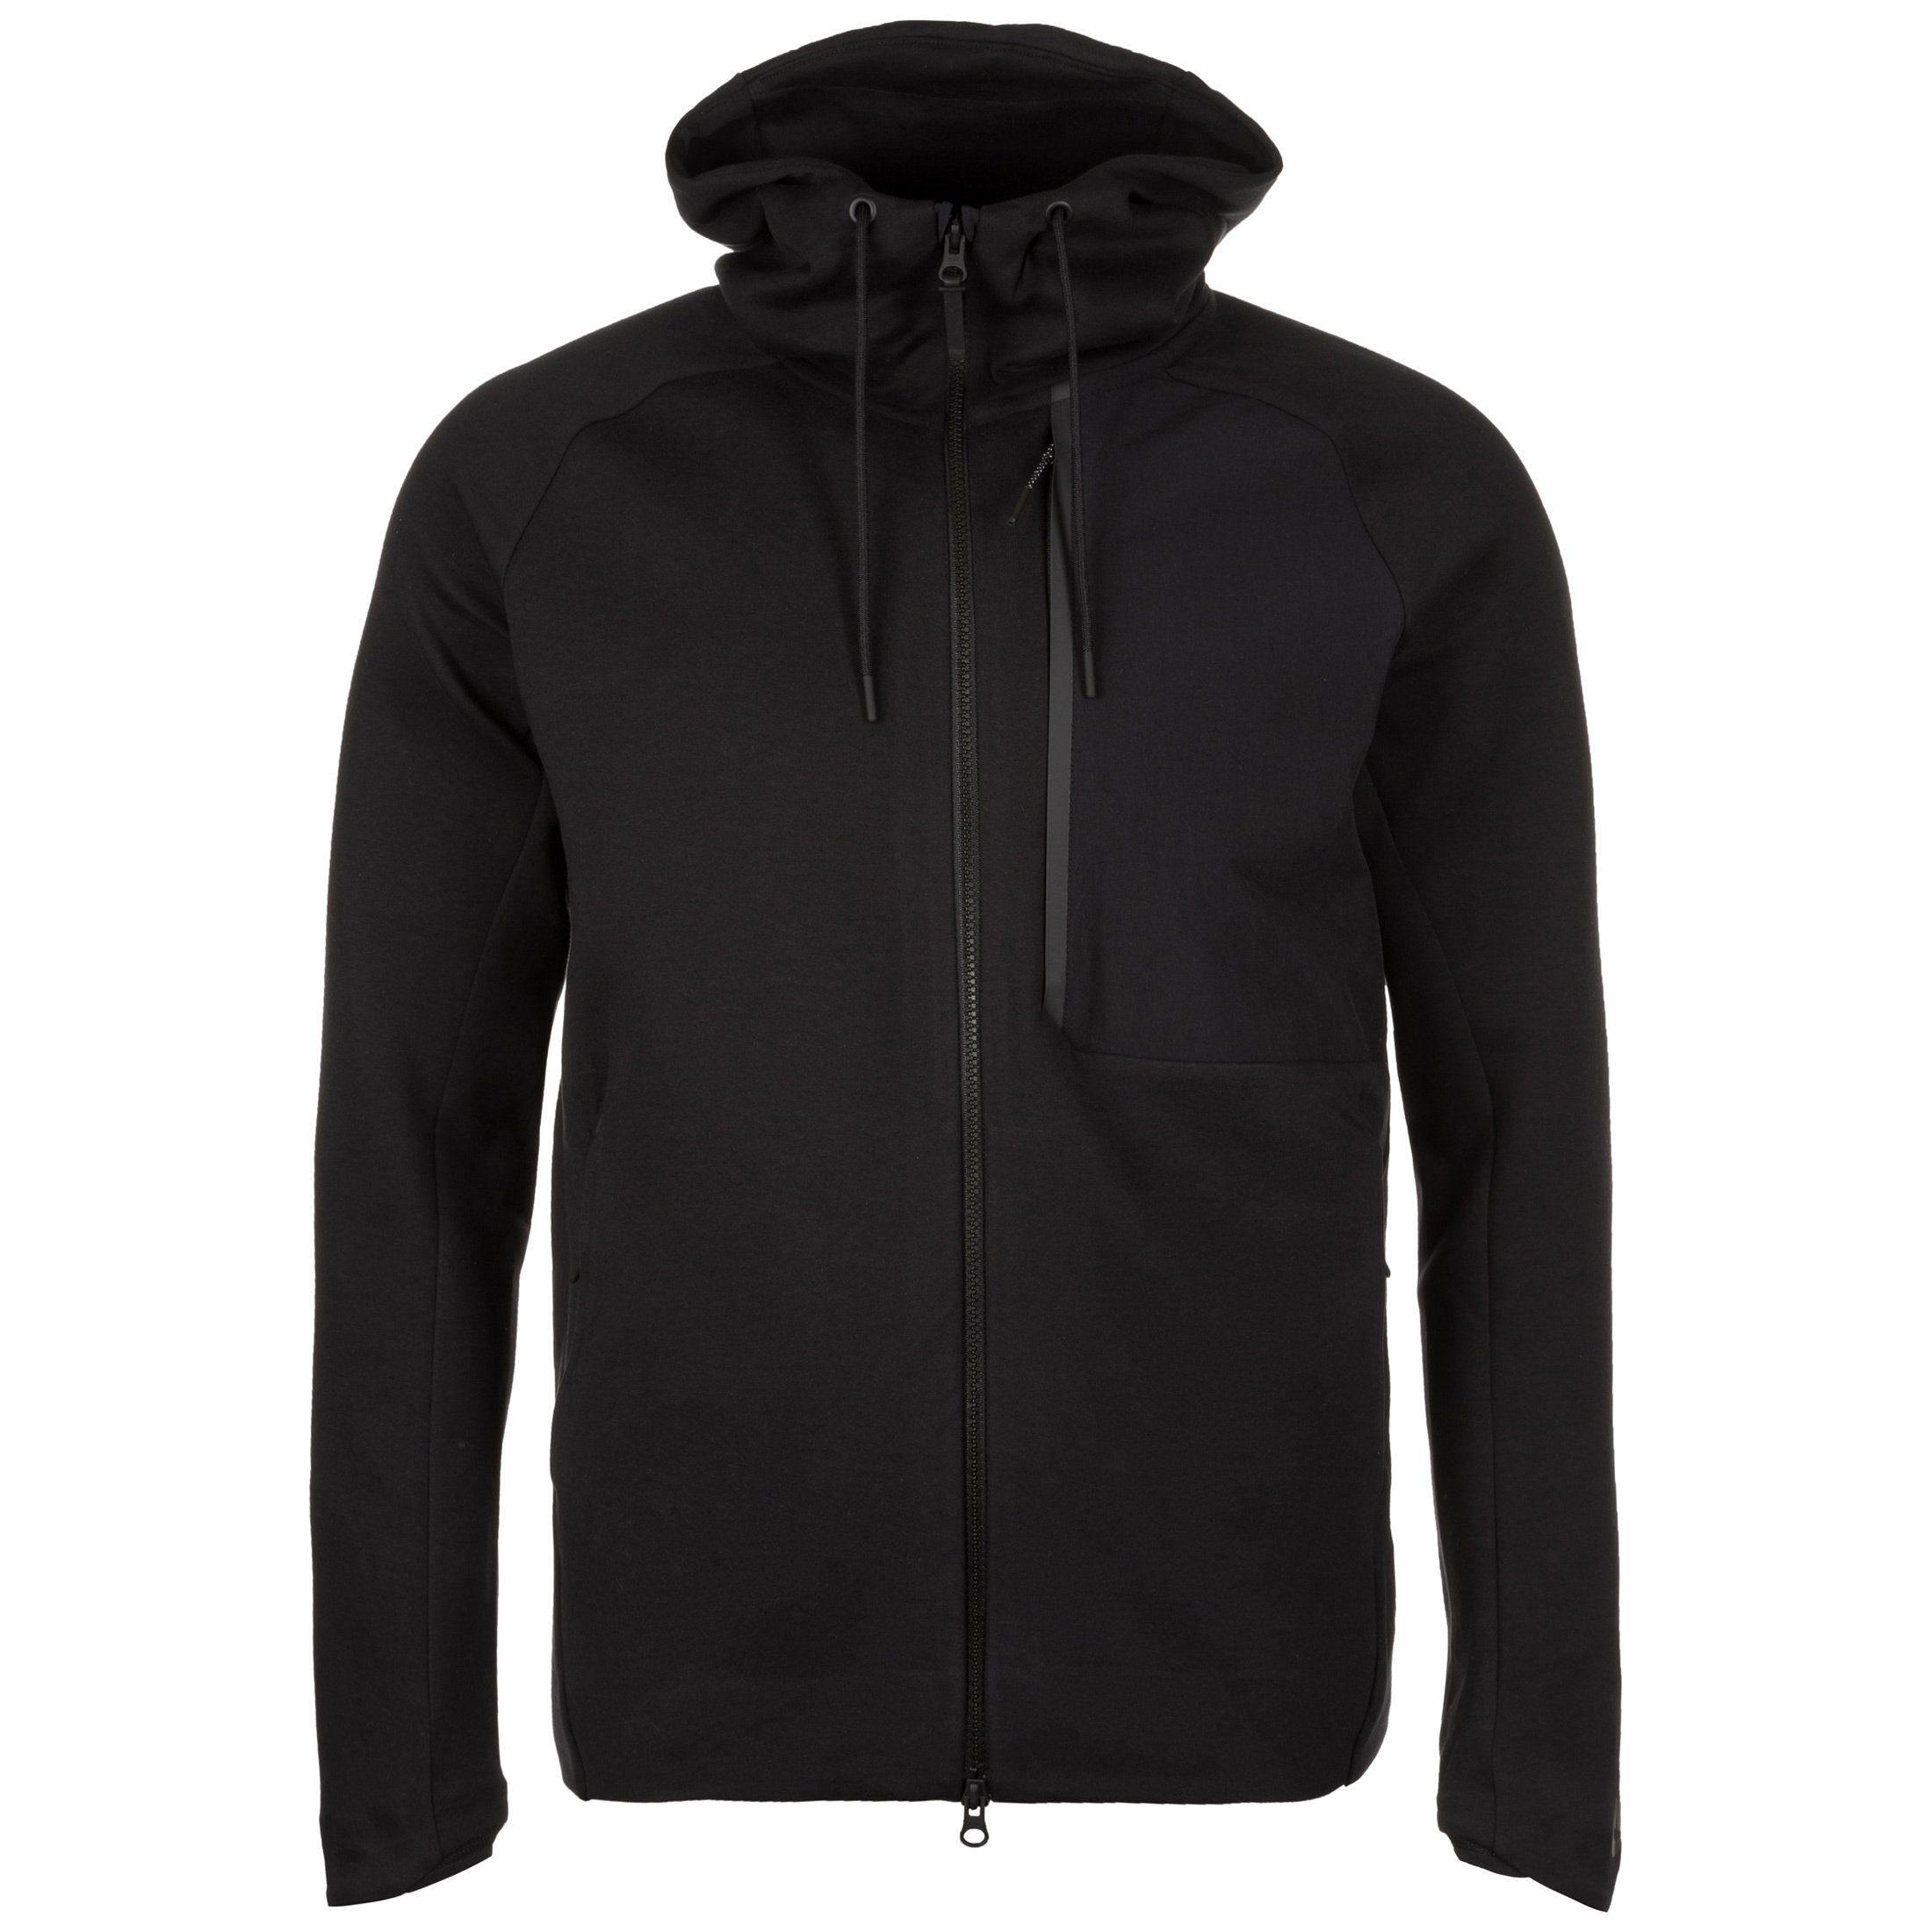 Nike Sportswear Kapuzensweatjacke »Tech Fleece« | Sportbekleidung > Sportjacken > Sonstige Sportjacken | Schwarz | Fleece | Nike Sportswear